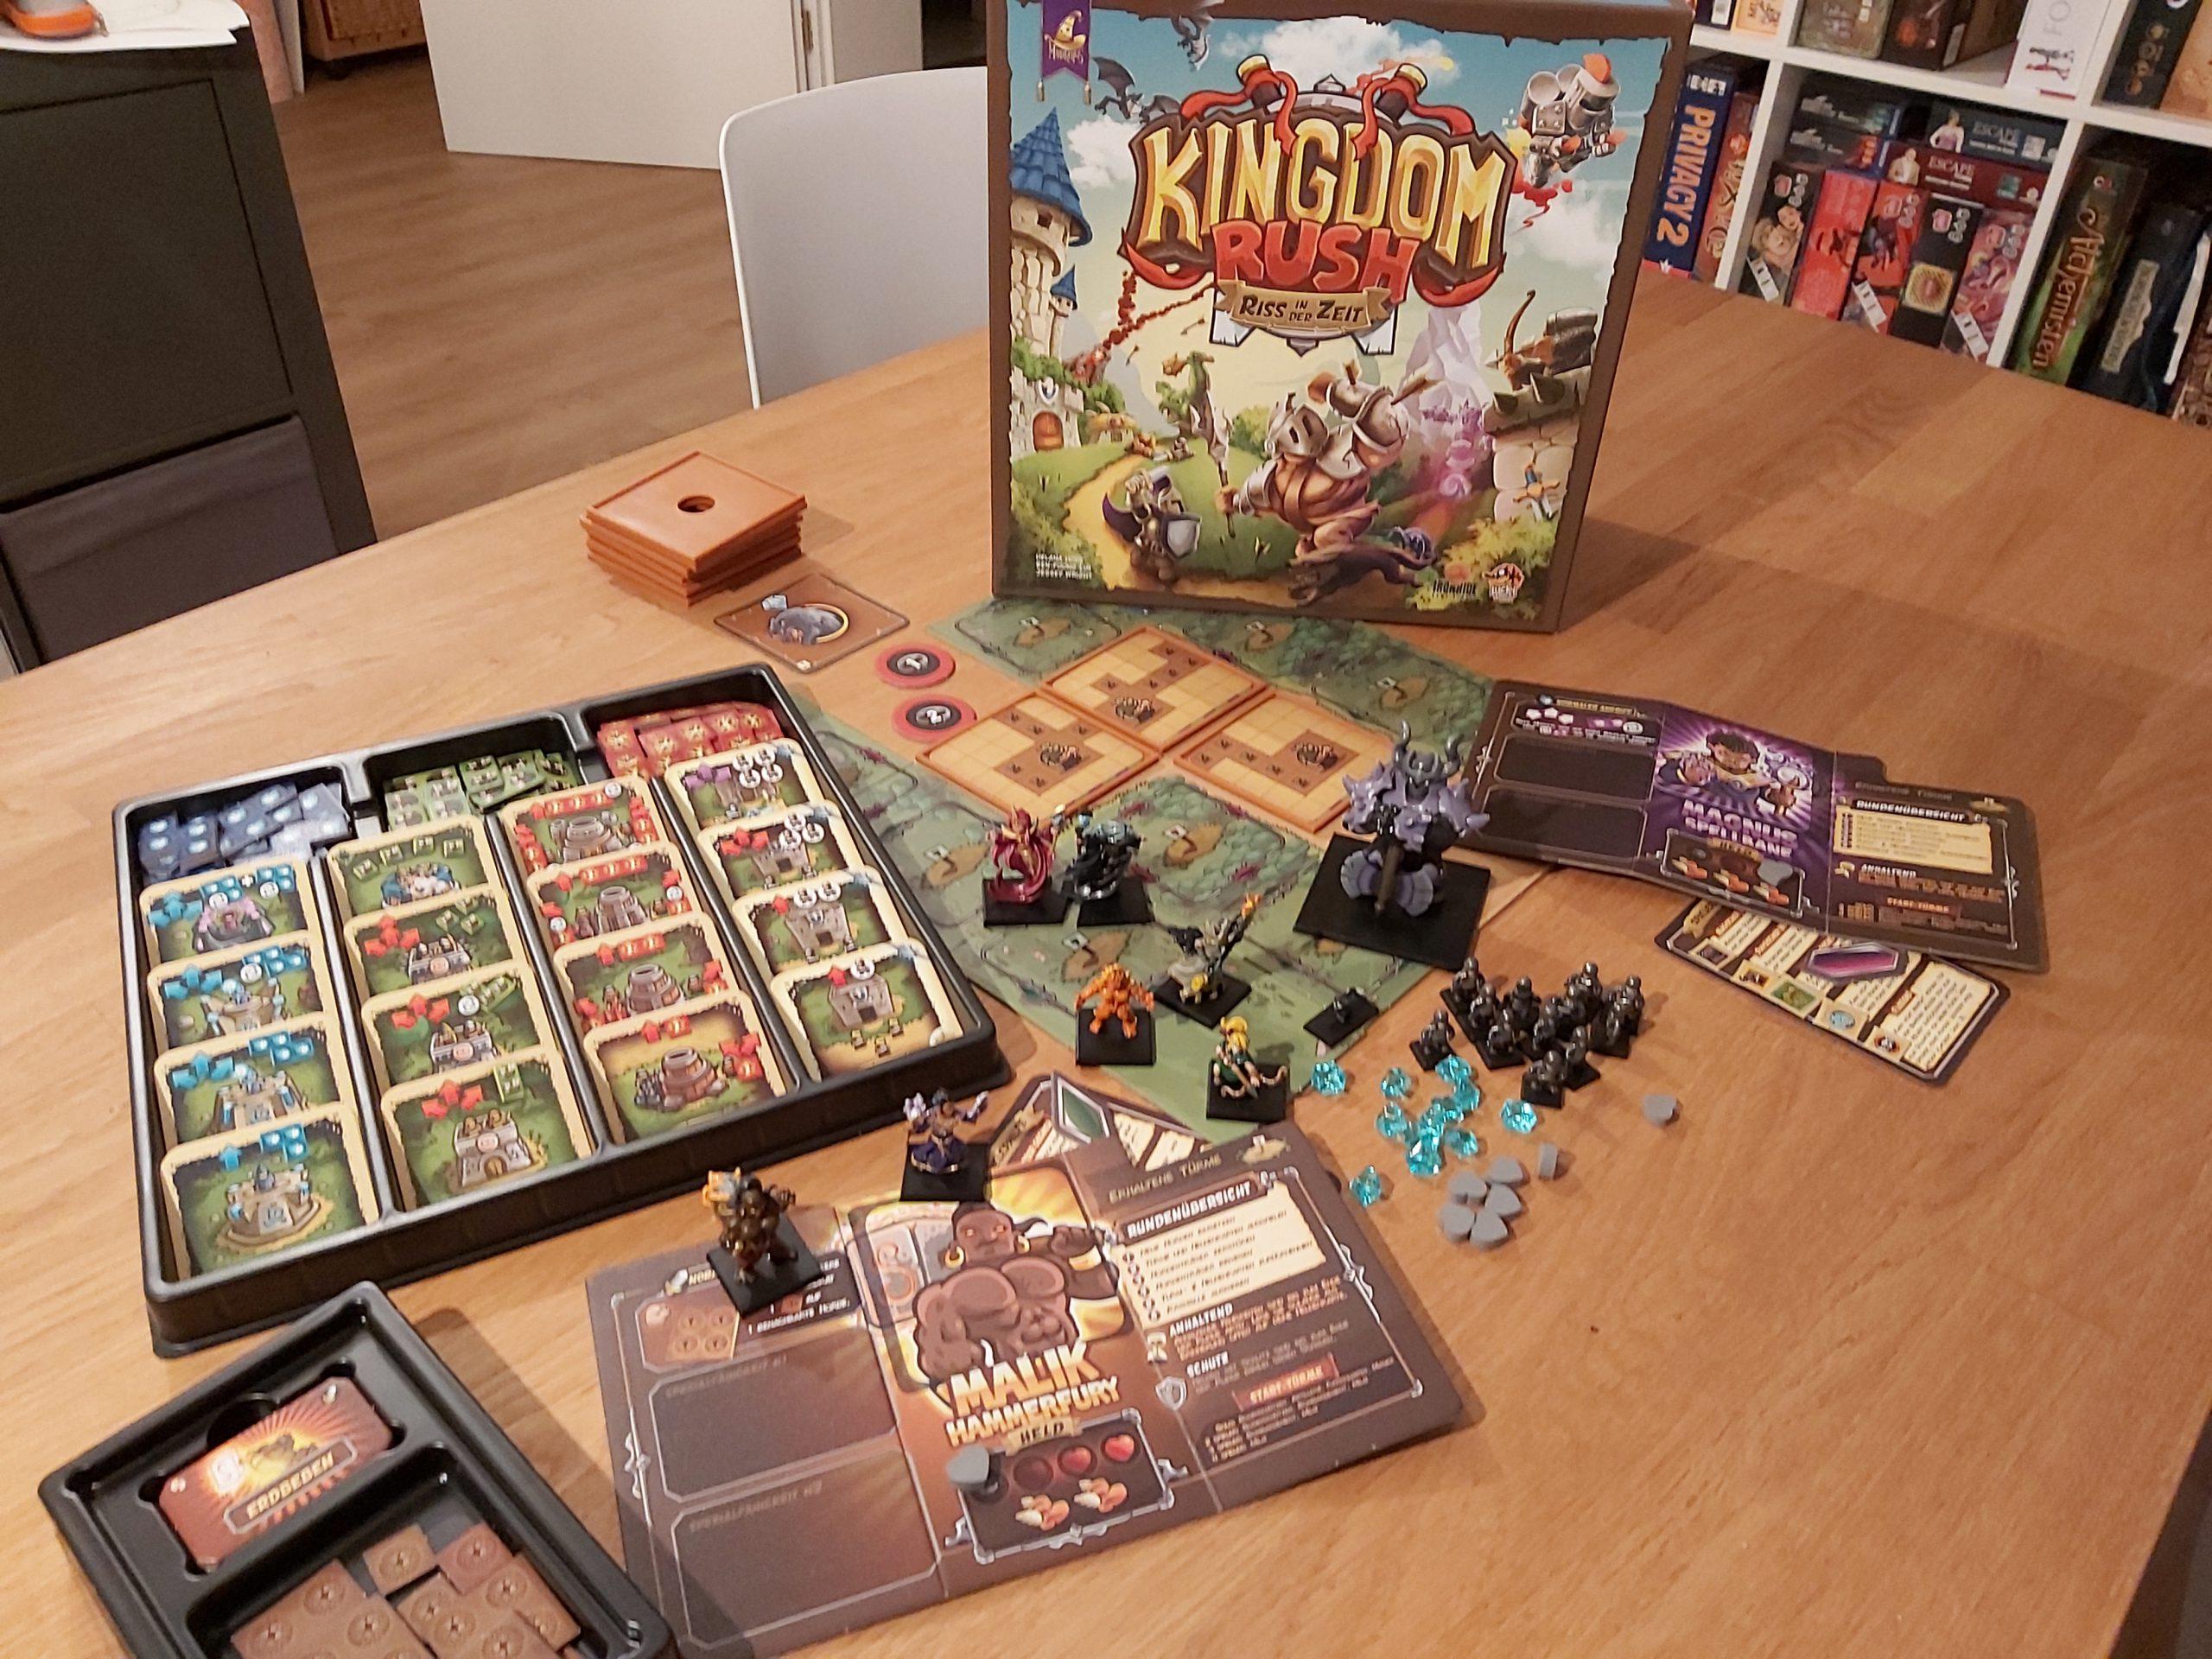 Zu sehen ist die Verpackung von Kingdom Rush inkl. des gesamten Spielmaterials.